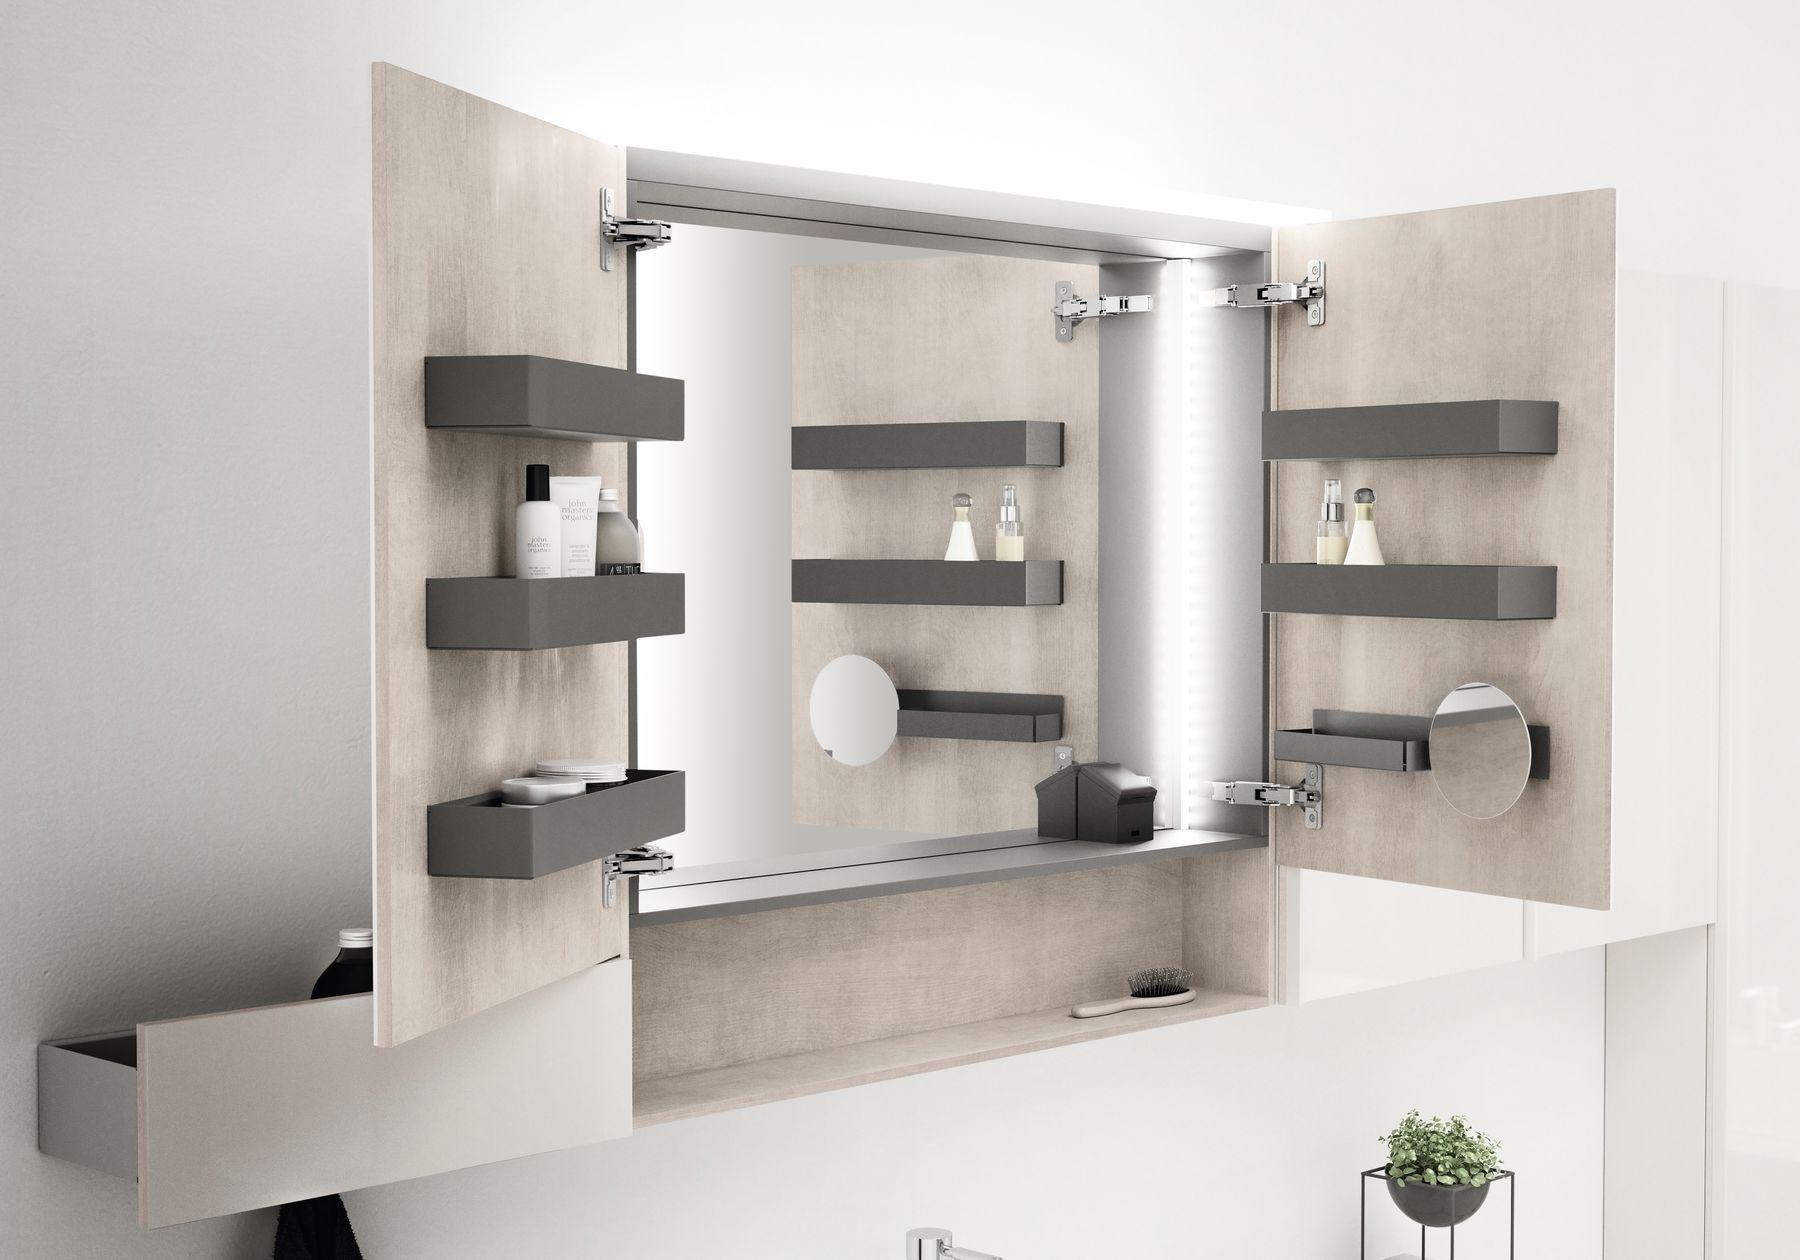 Spiegelkast voor de badkamer. de nieuwe badkamer serie acanto van